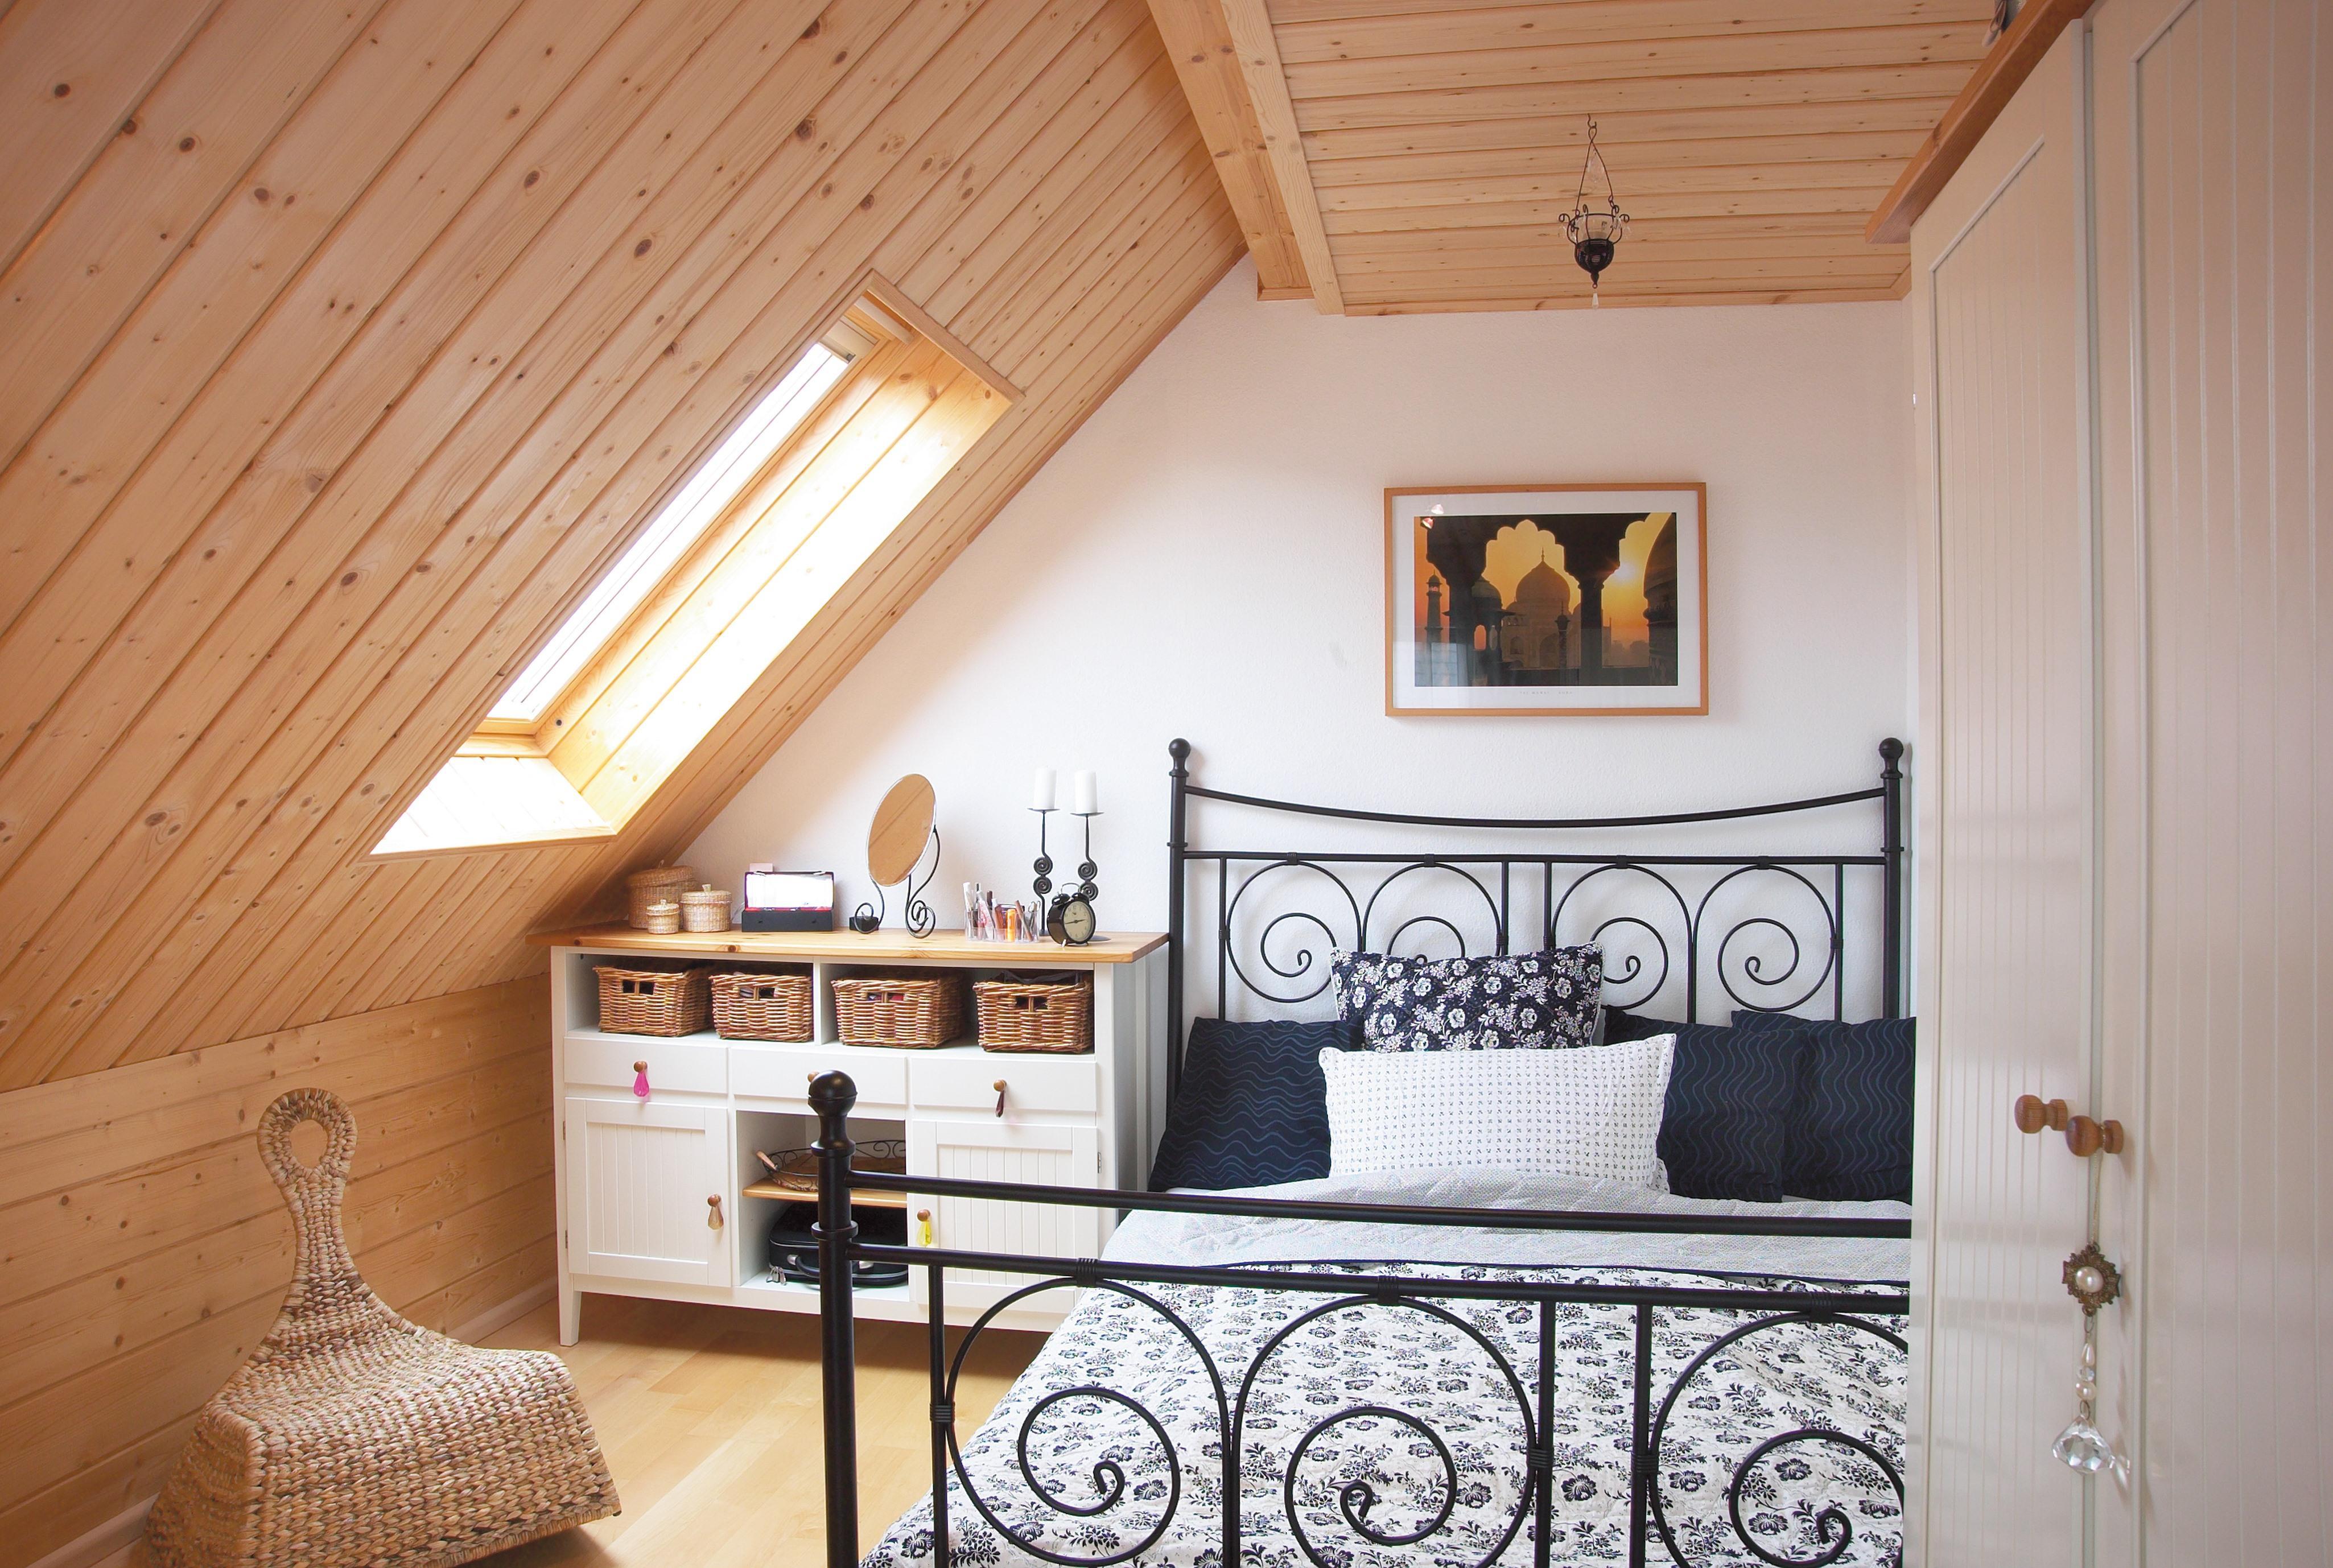 Schlafzimmer Mit Schraegen Holzpaneelen Dachschraege Bett Deckenpaneel  Holzhaus Bettwaesche Kommode Schaukelstuhl Kleiderschrank Holzpaneel  Wandpaneel ...